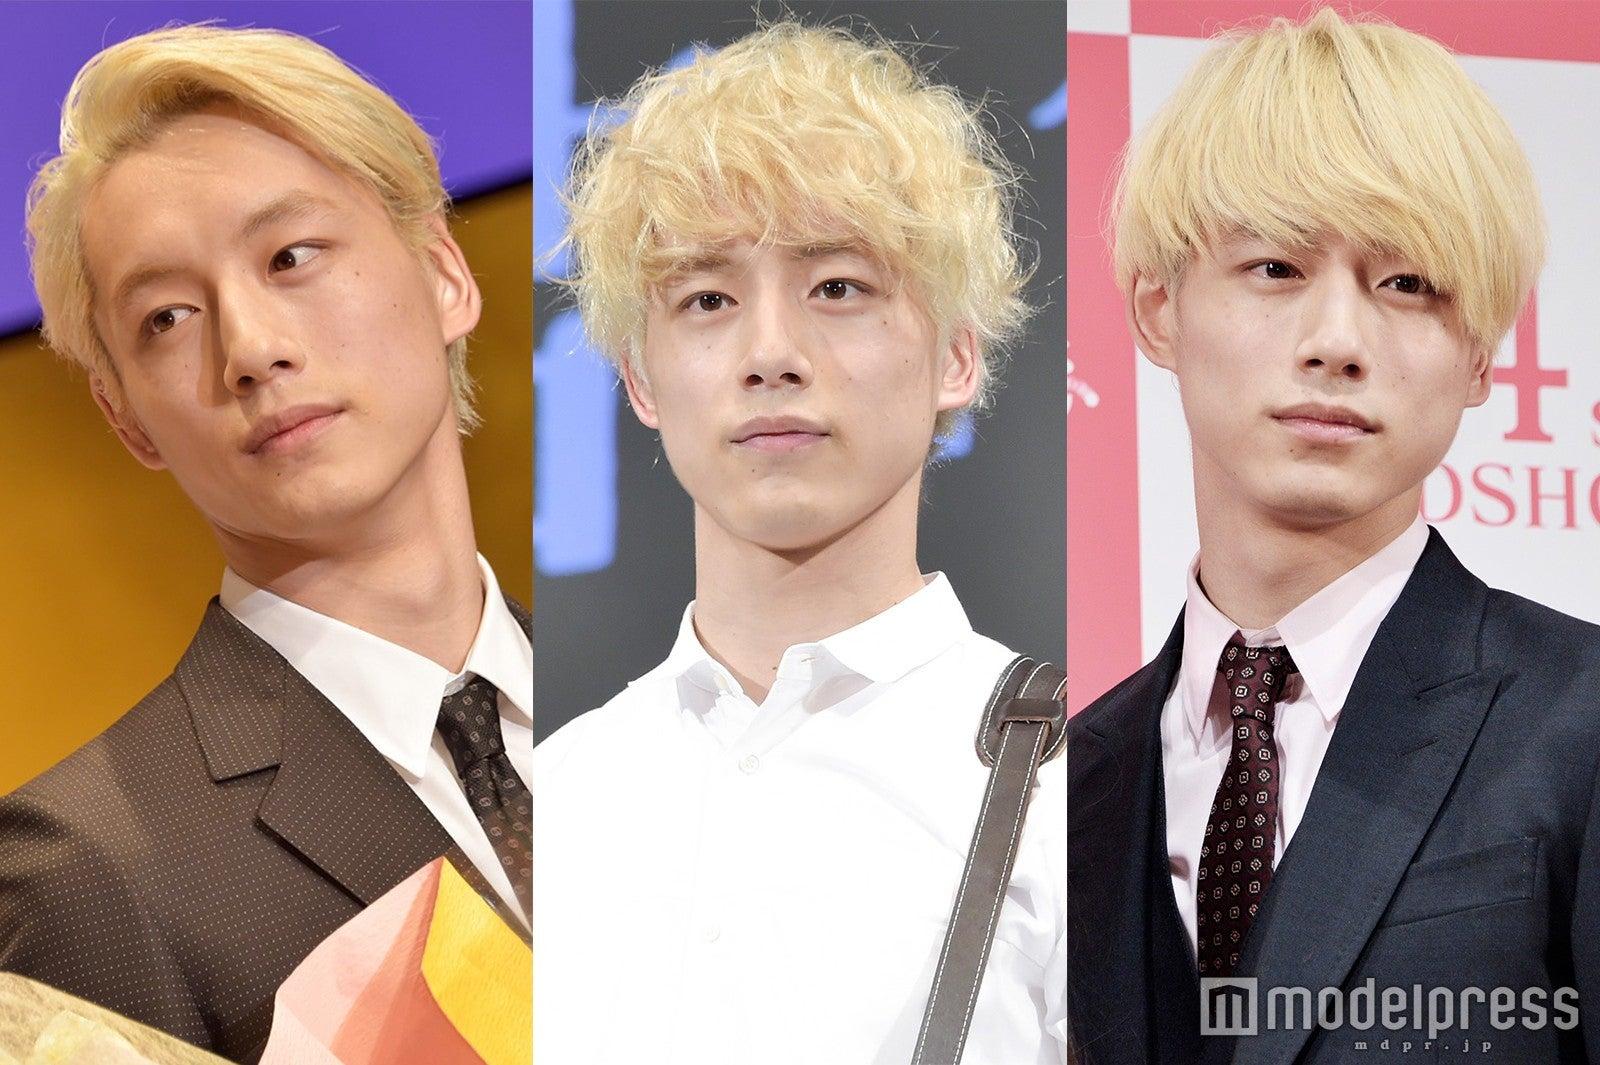 金髪の坂口健太郎、さまざまなヘアアレンジを披露(C)モデルプレス